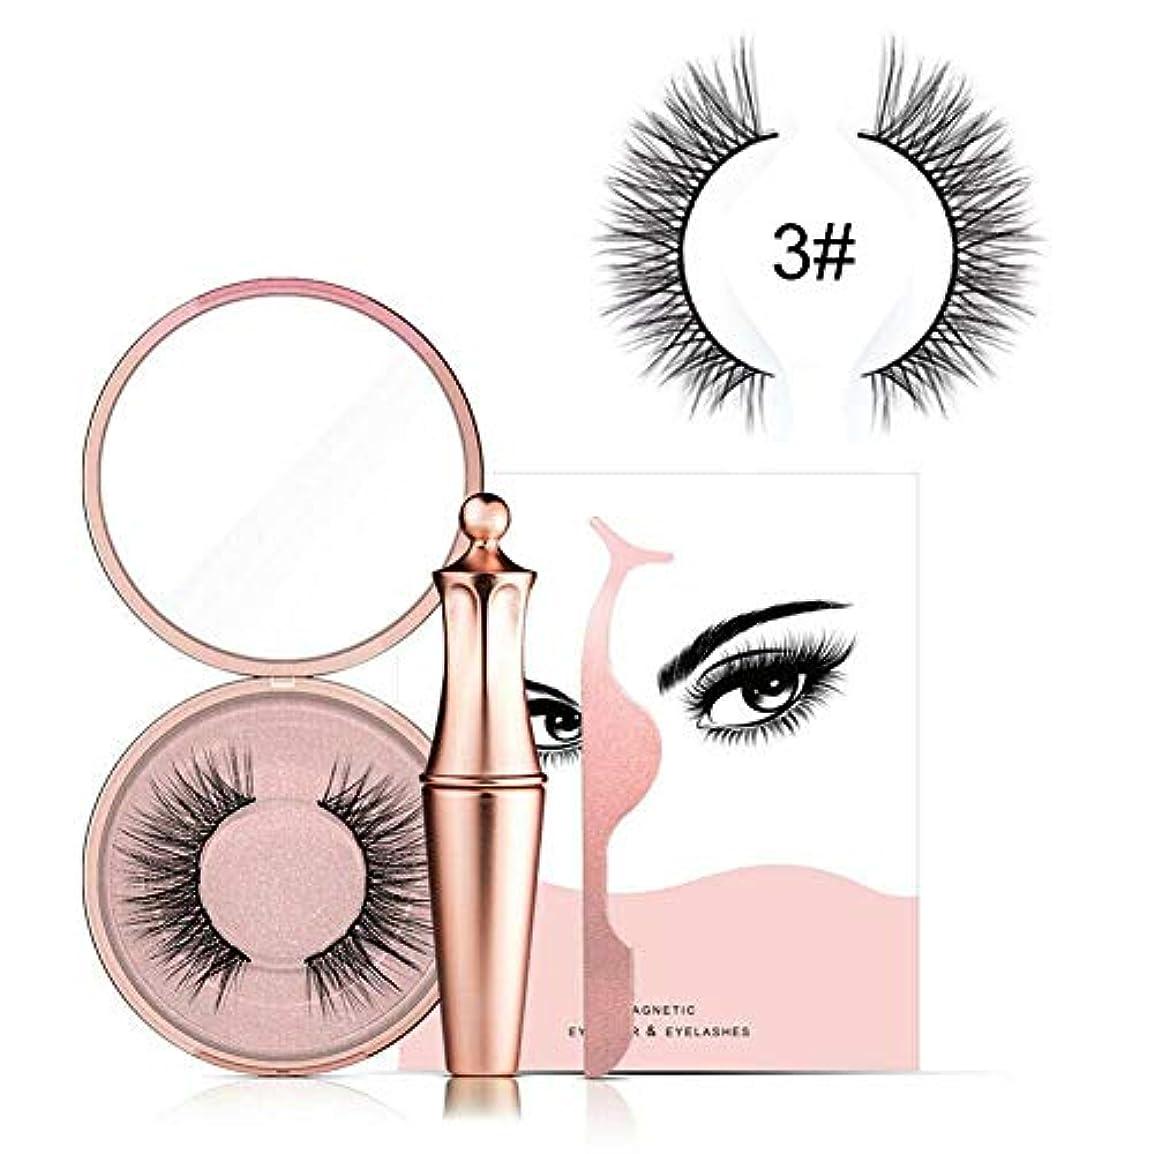 固体永久に無効にするメイクアップ用磁気アイライナーリキッドセット(#03(Liquid Eyeliner+Luxe+Tweezers))